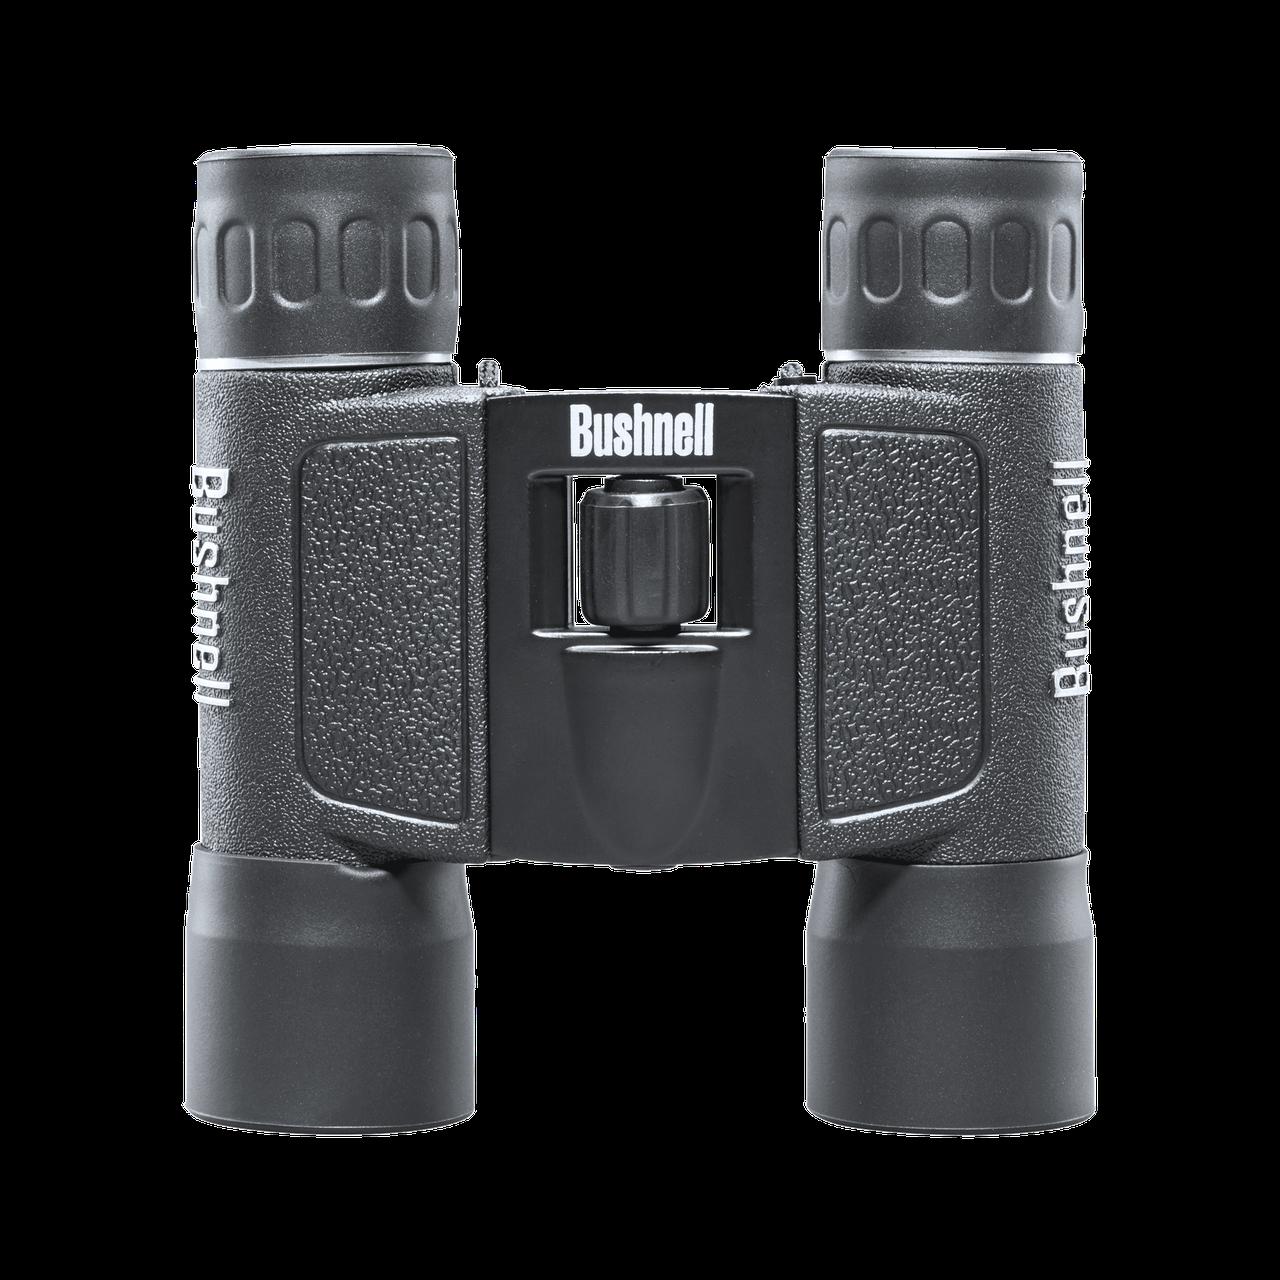 Бинокль туристический Bushnell Powerview 10x25, Сфера применения: Для активного отдыха, спорта, путешествия, Ц